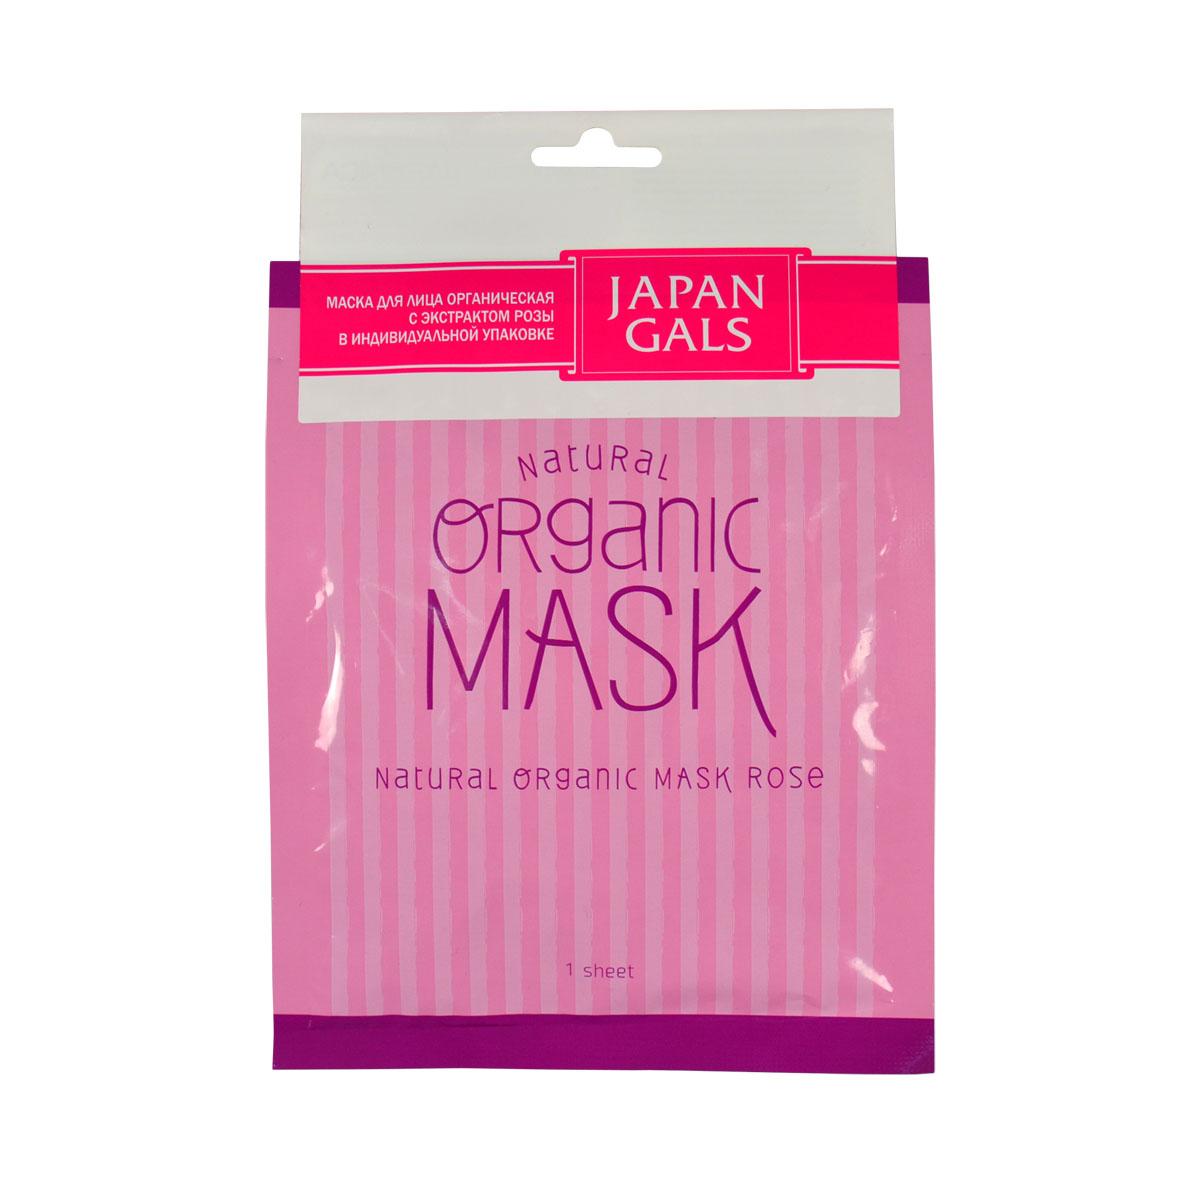 Japan Gals Маска для лица органическая с экстрактом розы 1 шт29318Органическая маска JAPAN GALS с экстрактом розы создана для глубокого увлажнения кожи. Все компоненты подбирались особенно тщательно, а органический хлопок из которого создана маска естественно и мягко заботится о лице. Маска подходят для всех типов кожи и в любом возрасте.Чтобы ваша кожа сияла здоровьем, Вам потребуется всего 10-15 минут в день для ухода за ней. Маска очень проста в применении, а после ее использования лицо не требует дополнительного умывания.Тканевая основа маски пропитана сывороткой, и благодаря плотному прилеганию маски к лицу состав проникает глубоко в кожу, успокаивая и увлажняя ее изнутри. Так же у маски имеются специальные кармашки для проработки зоны в области глаз.В состав маски входят природная розовая вода, экстракт розы, экстракт шиповника, с добавлением в сыворотку масла розы. Розовая вода содержит в себе концентрированное розовое масло и дистиллированную воду. Розовая вода сохраняет в себе свойства розы и хорошо известна своими полезными свойствами. Она помогает очищать нормальную кожу, при жирной коже действует в качестве тоника, контролируя выделение жира, на чувствительную кожу оказывает охлаждающий эффект и делает ее более гладкой. Экстракт розы препятствует потере кожей влаги, глубоко увлажняет, питает, повышает упругость и эластичность кожуЭкстракт шиповника успокаивает раздраженную кожу, осветляет пигментные пятна и улучшает цвет лица, стимулирует синтез коллагена и обновления клеток кожи Масло розы прекрасно увлажняет и тонизирует кожу Способ применения: Расправить маску. Плотно приложить к чистому лицу. Держать в течение 10-15 минут. При использовании маски на глаза веки следует держать закрытыми. Для особо тщательной проработки зоны под глазами сложите специальную накладку два раза. После приминения маски лицо не требует дополнительного умывания. Меры предосторожности: Аллергические реакции возможны только в случае индивидуальной непереносимости отдельных комп